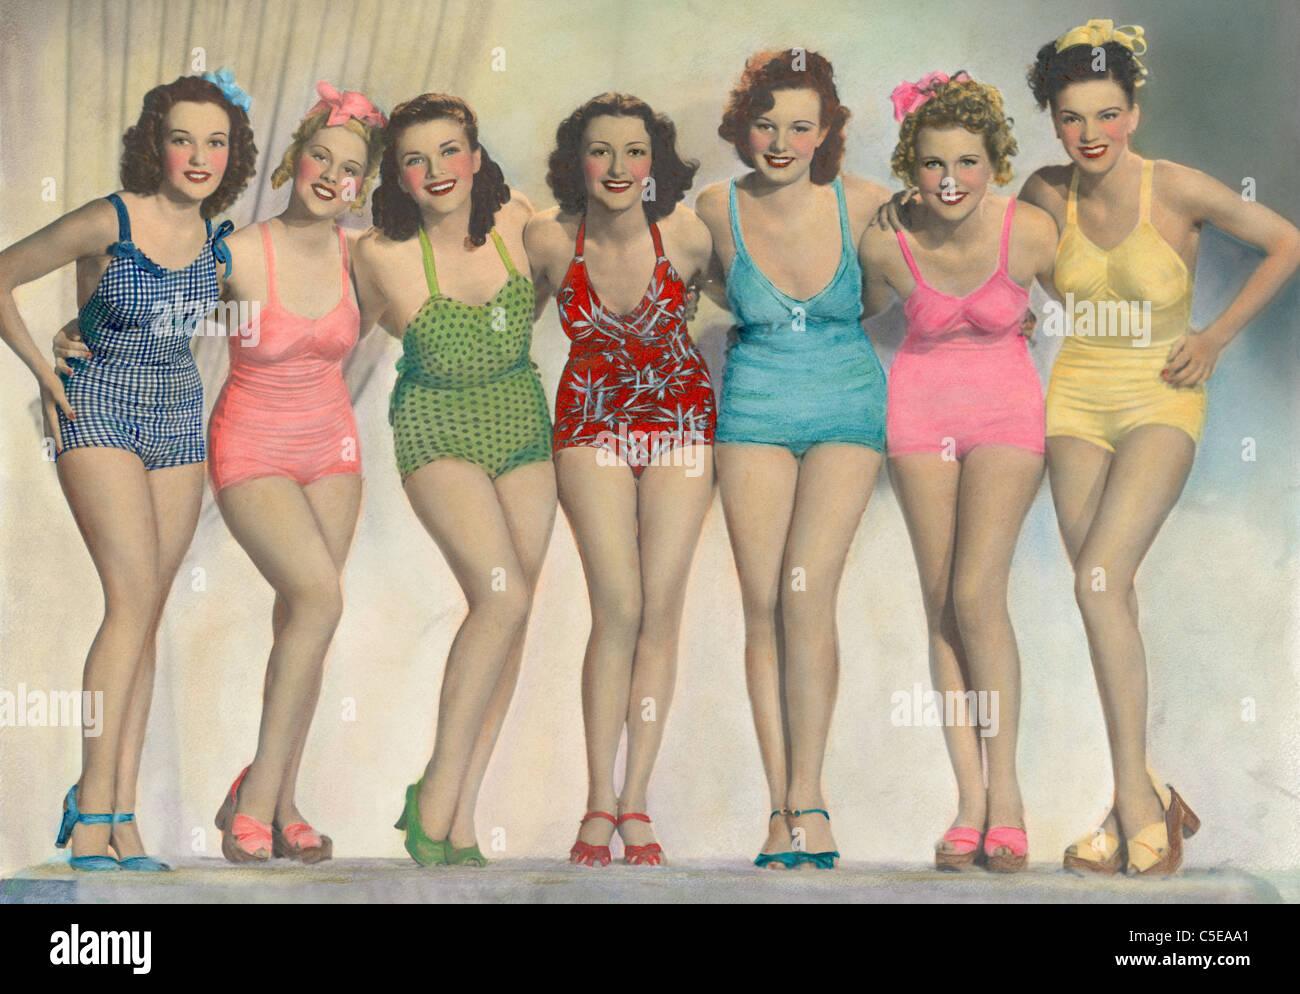 Las mujeres posando en trajes de baño Imagen De Stock